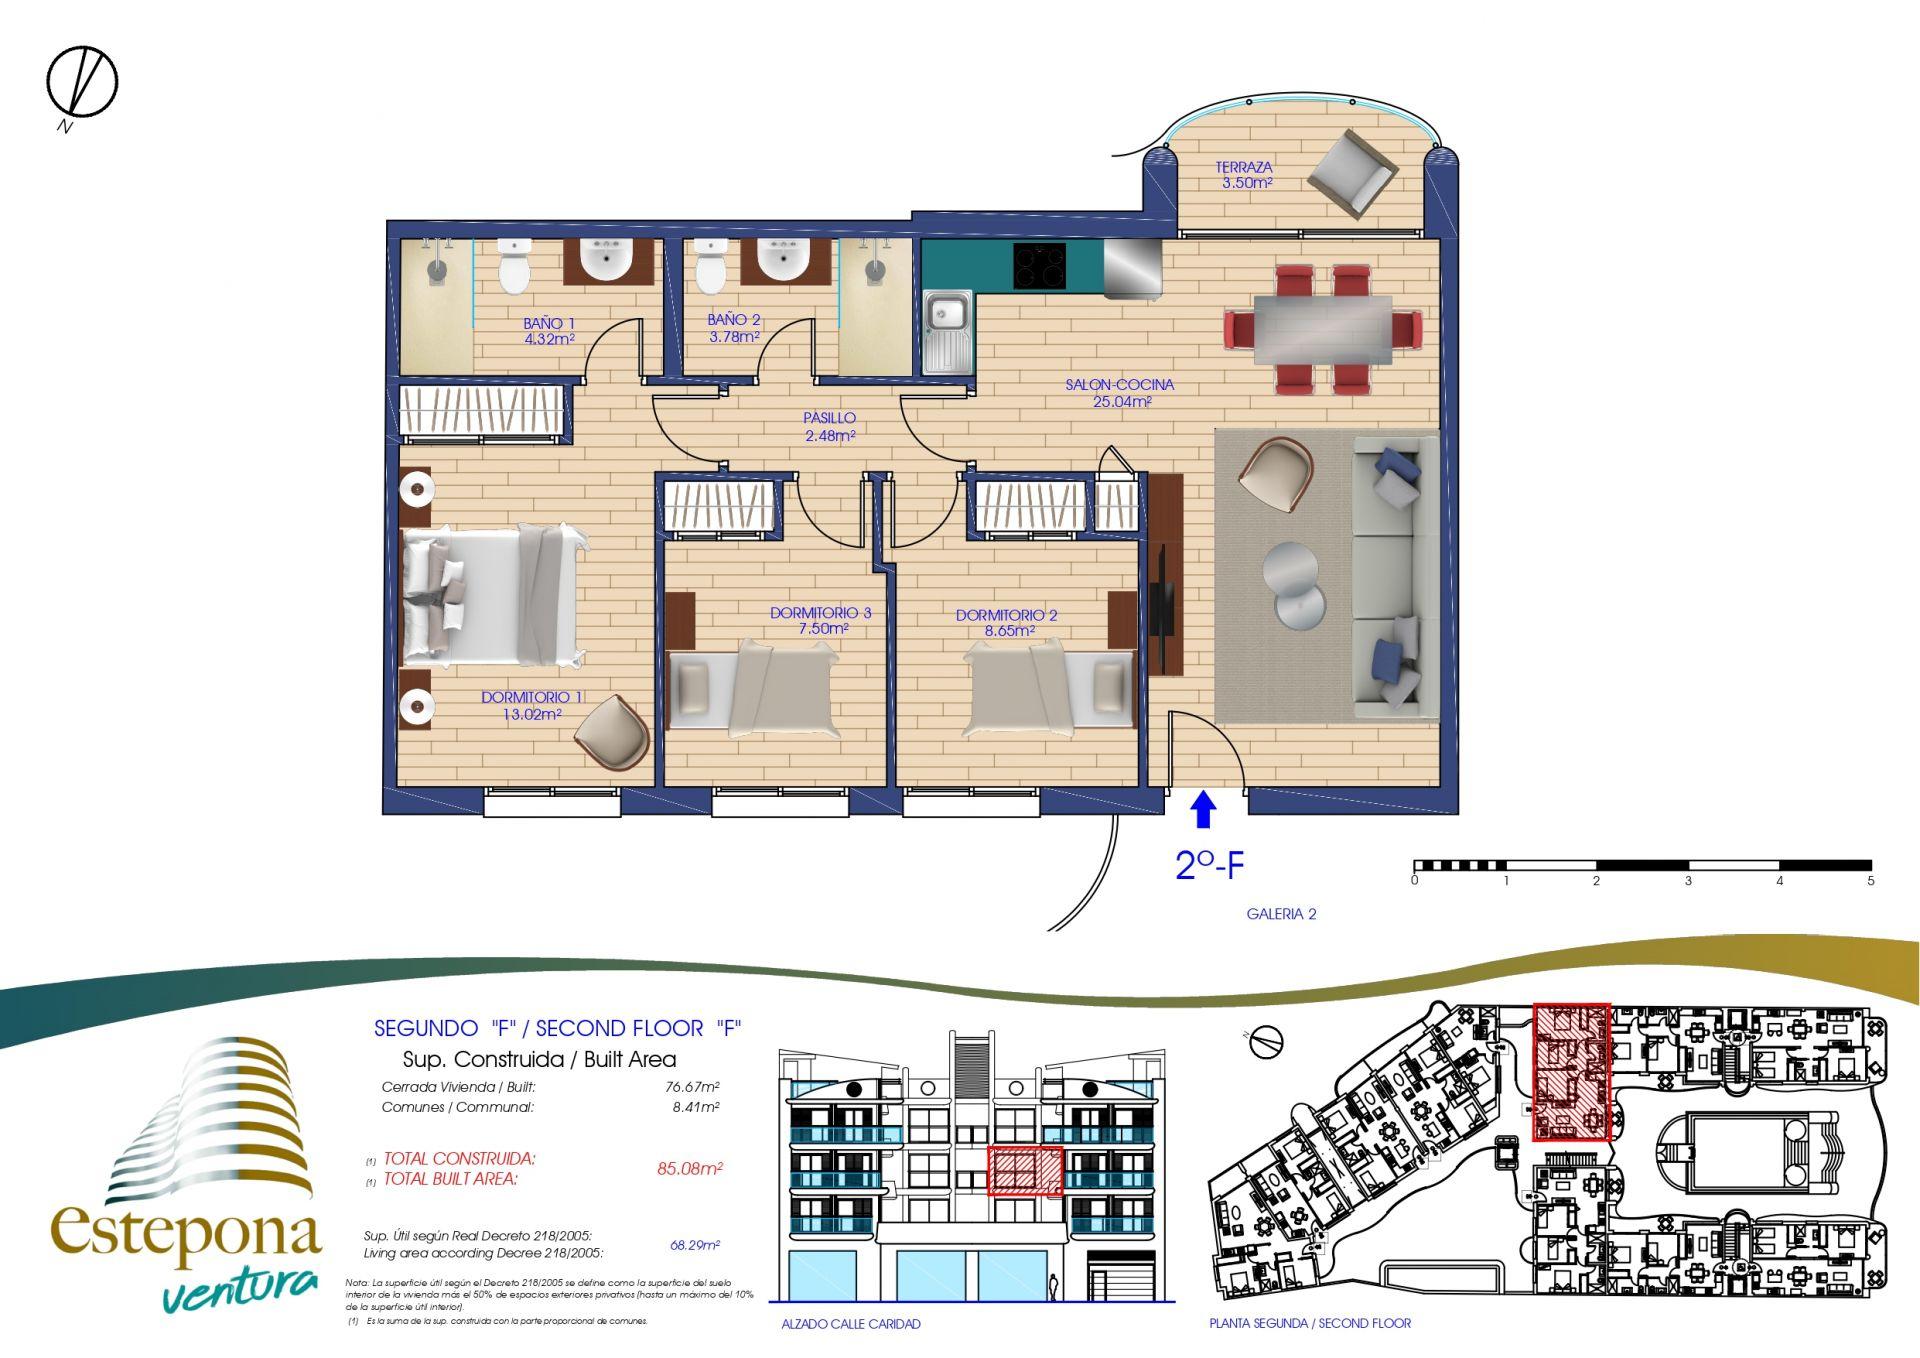 2f - Ventura Estepona | Compra de casa en Estepona